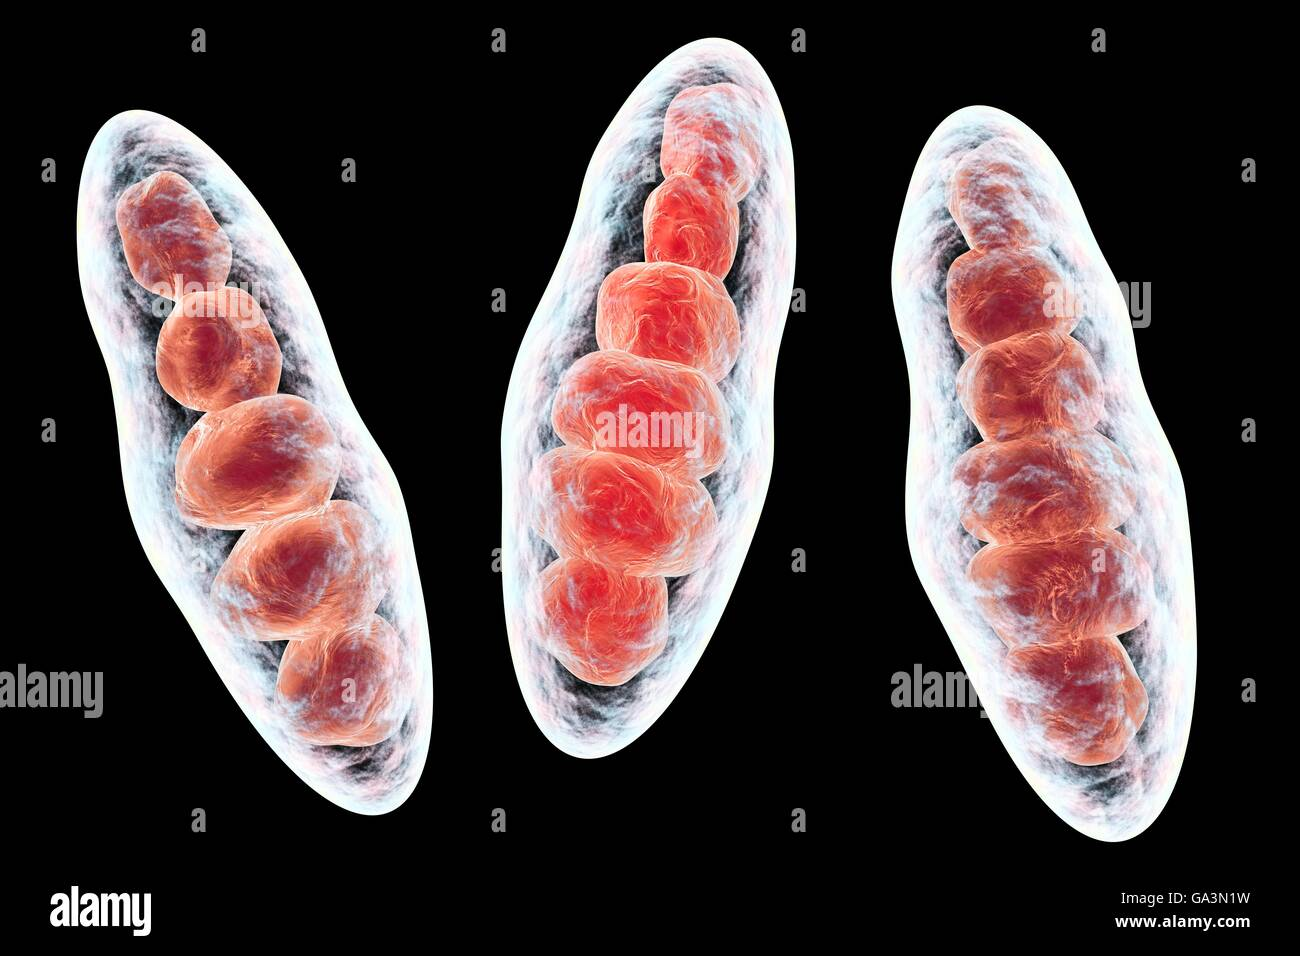 Computer-Illustration von Trichophyton Mentagrophytes, die Ursache von Fußpilz (Tinea Pedis) und Kopfhaut Scherpilzflechte (Tinea Capitus). Beide diese ansteckende von Infektionen der Haut werden durch die Pilzsporen (rot) verbreitet. T. Mentagrophytes ist eine von vielen Arten von Pilzen, die in der menschlichen Haut, Entzündung und Juckreiz wachsen können. Fußpilz und Scherpilzflechte werden mit Antimykotika behandelt. Hier sind die Macroconidia (mehrzellige Organe, die Sporen enthalten). Stockfoto